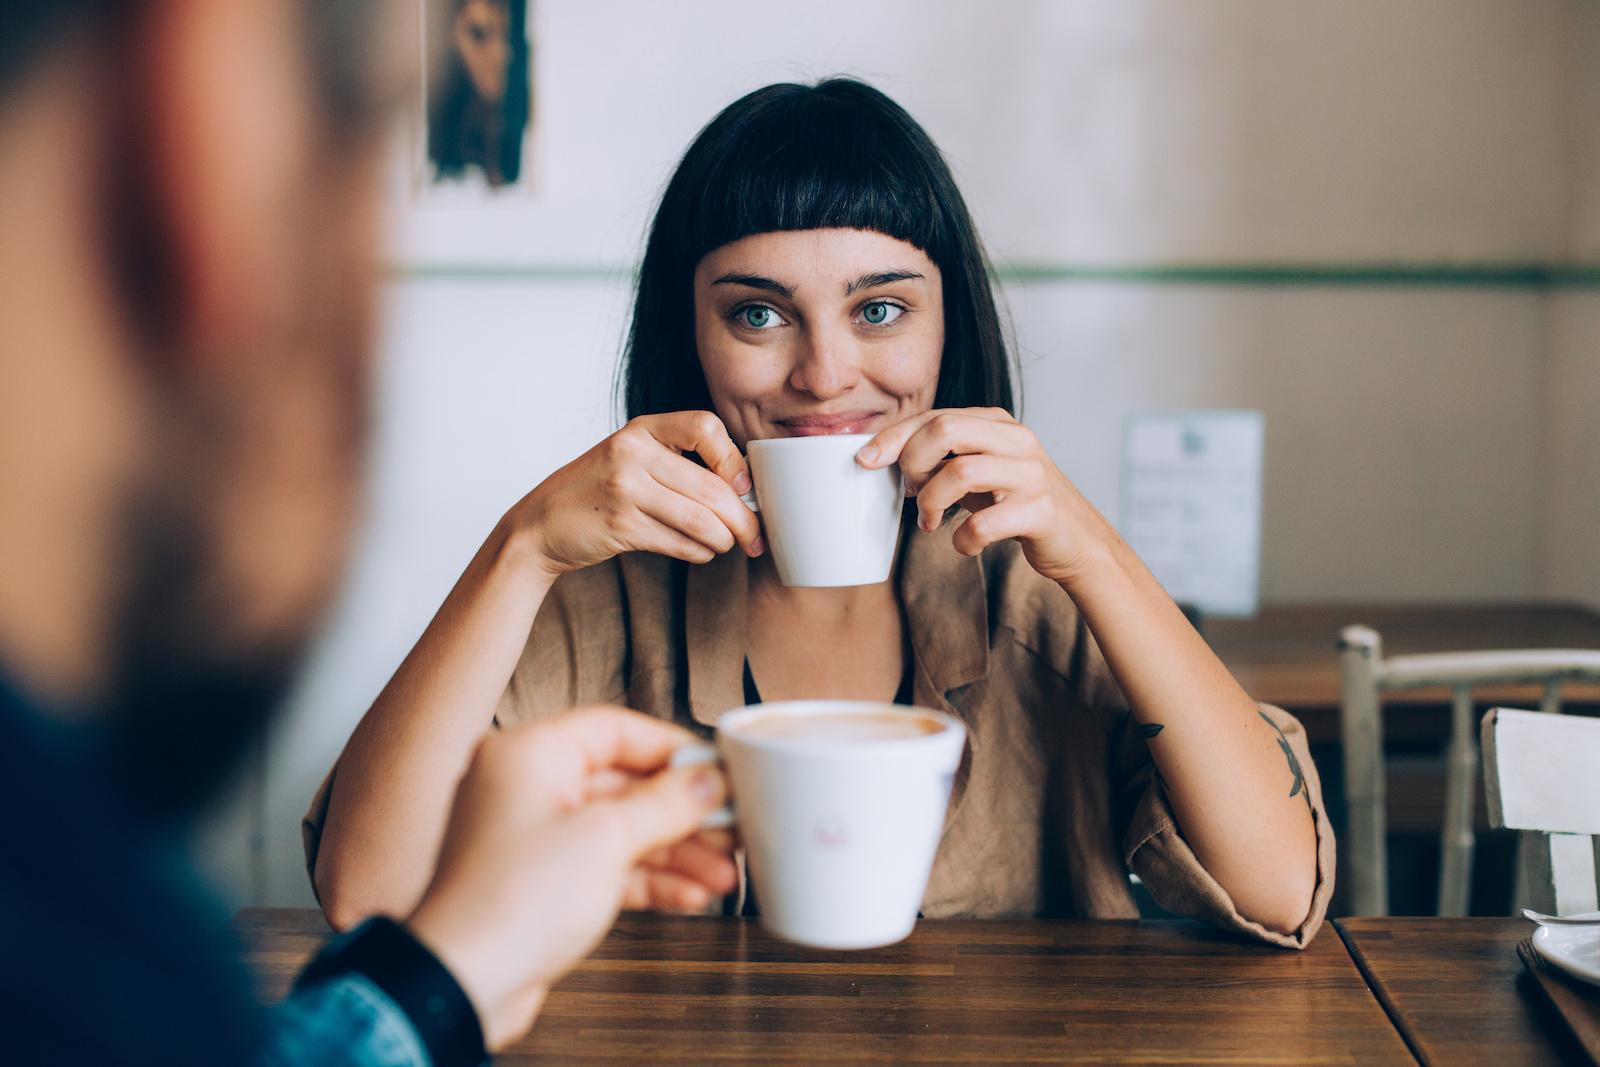 Rozwiewamy wątpliwości: kto powinien płacić na randce?